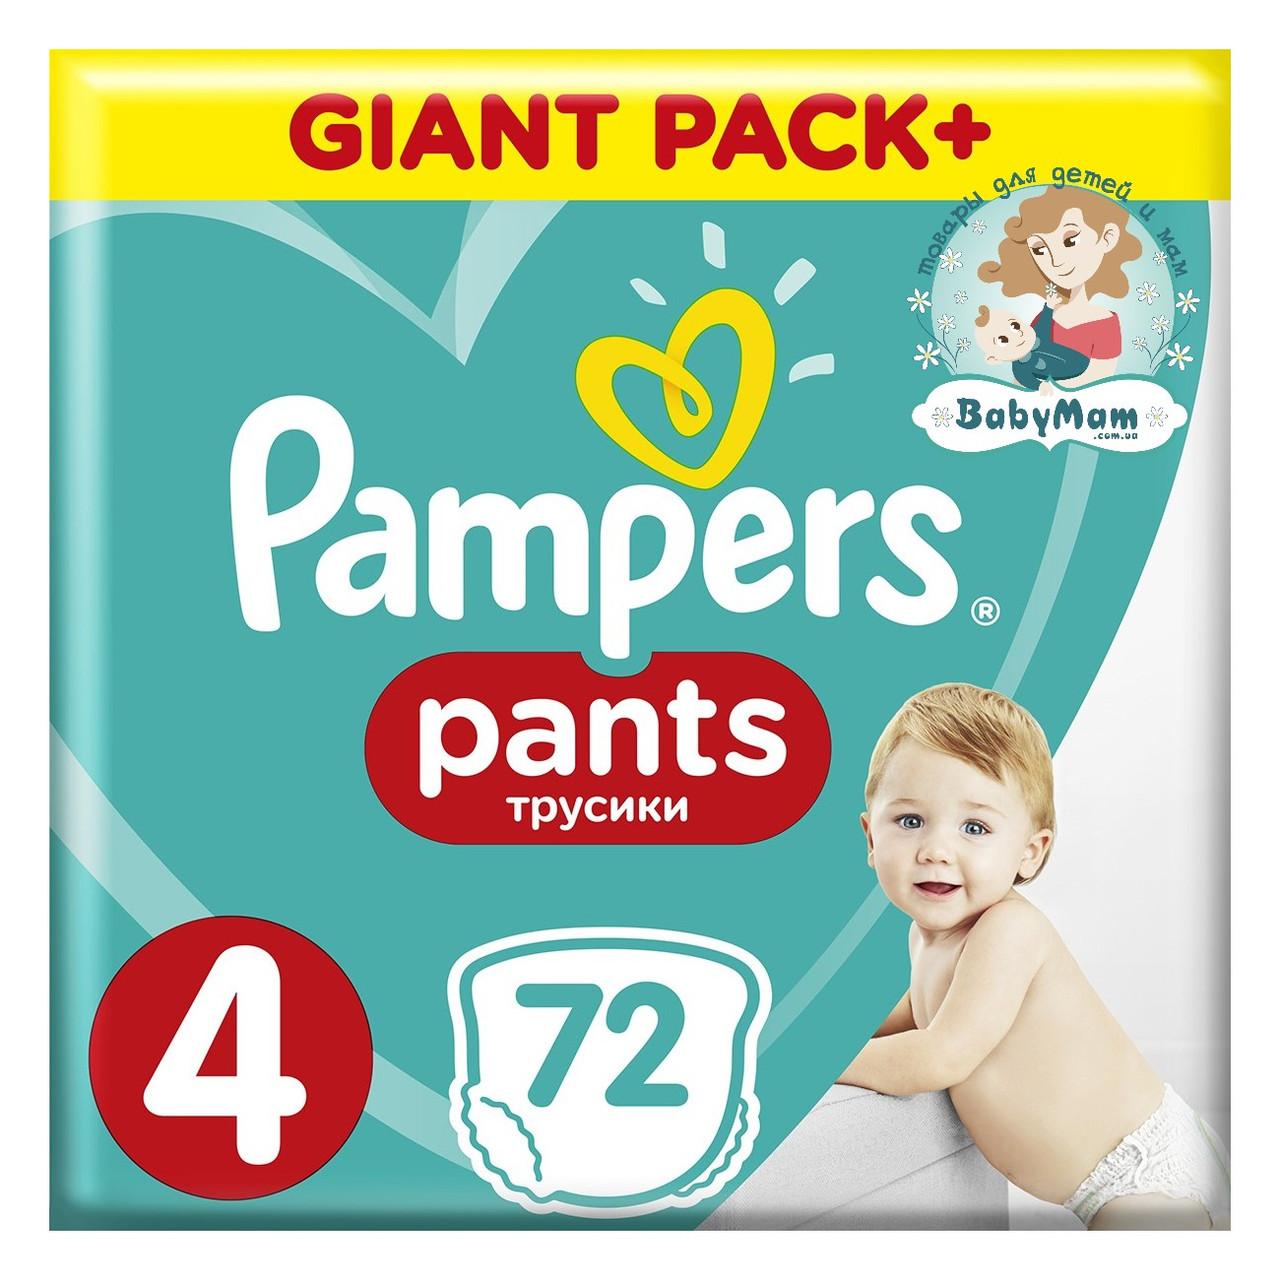 Подгузники-трусики Pampers Pants Размер 4 (Maxi) 8-14 кг, 72 подгузника